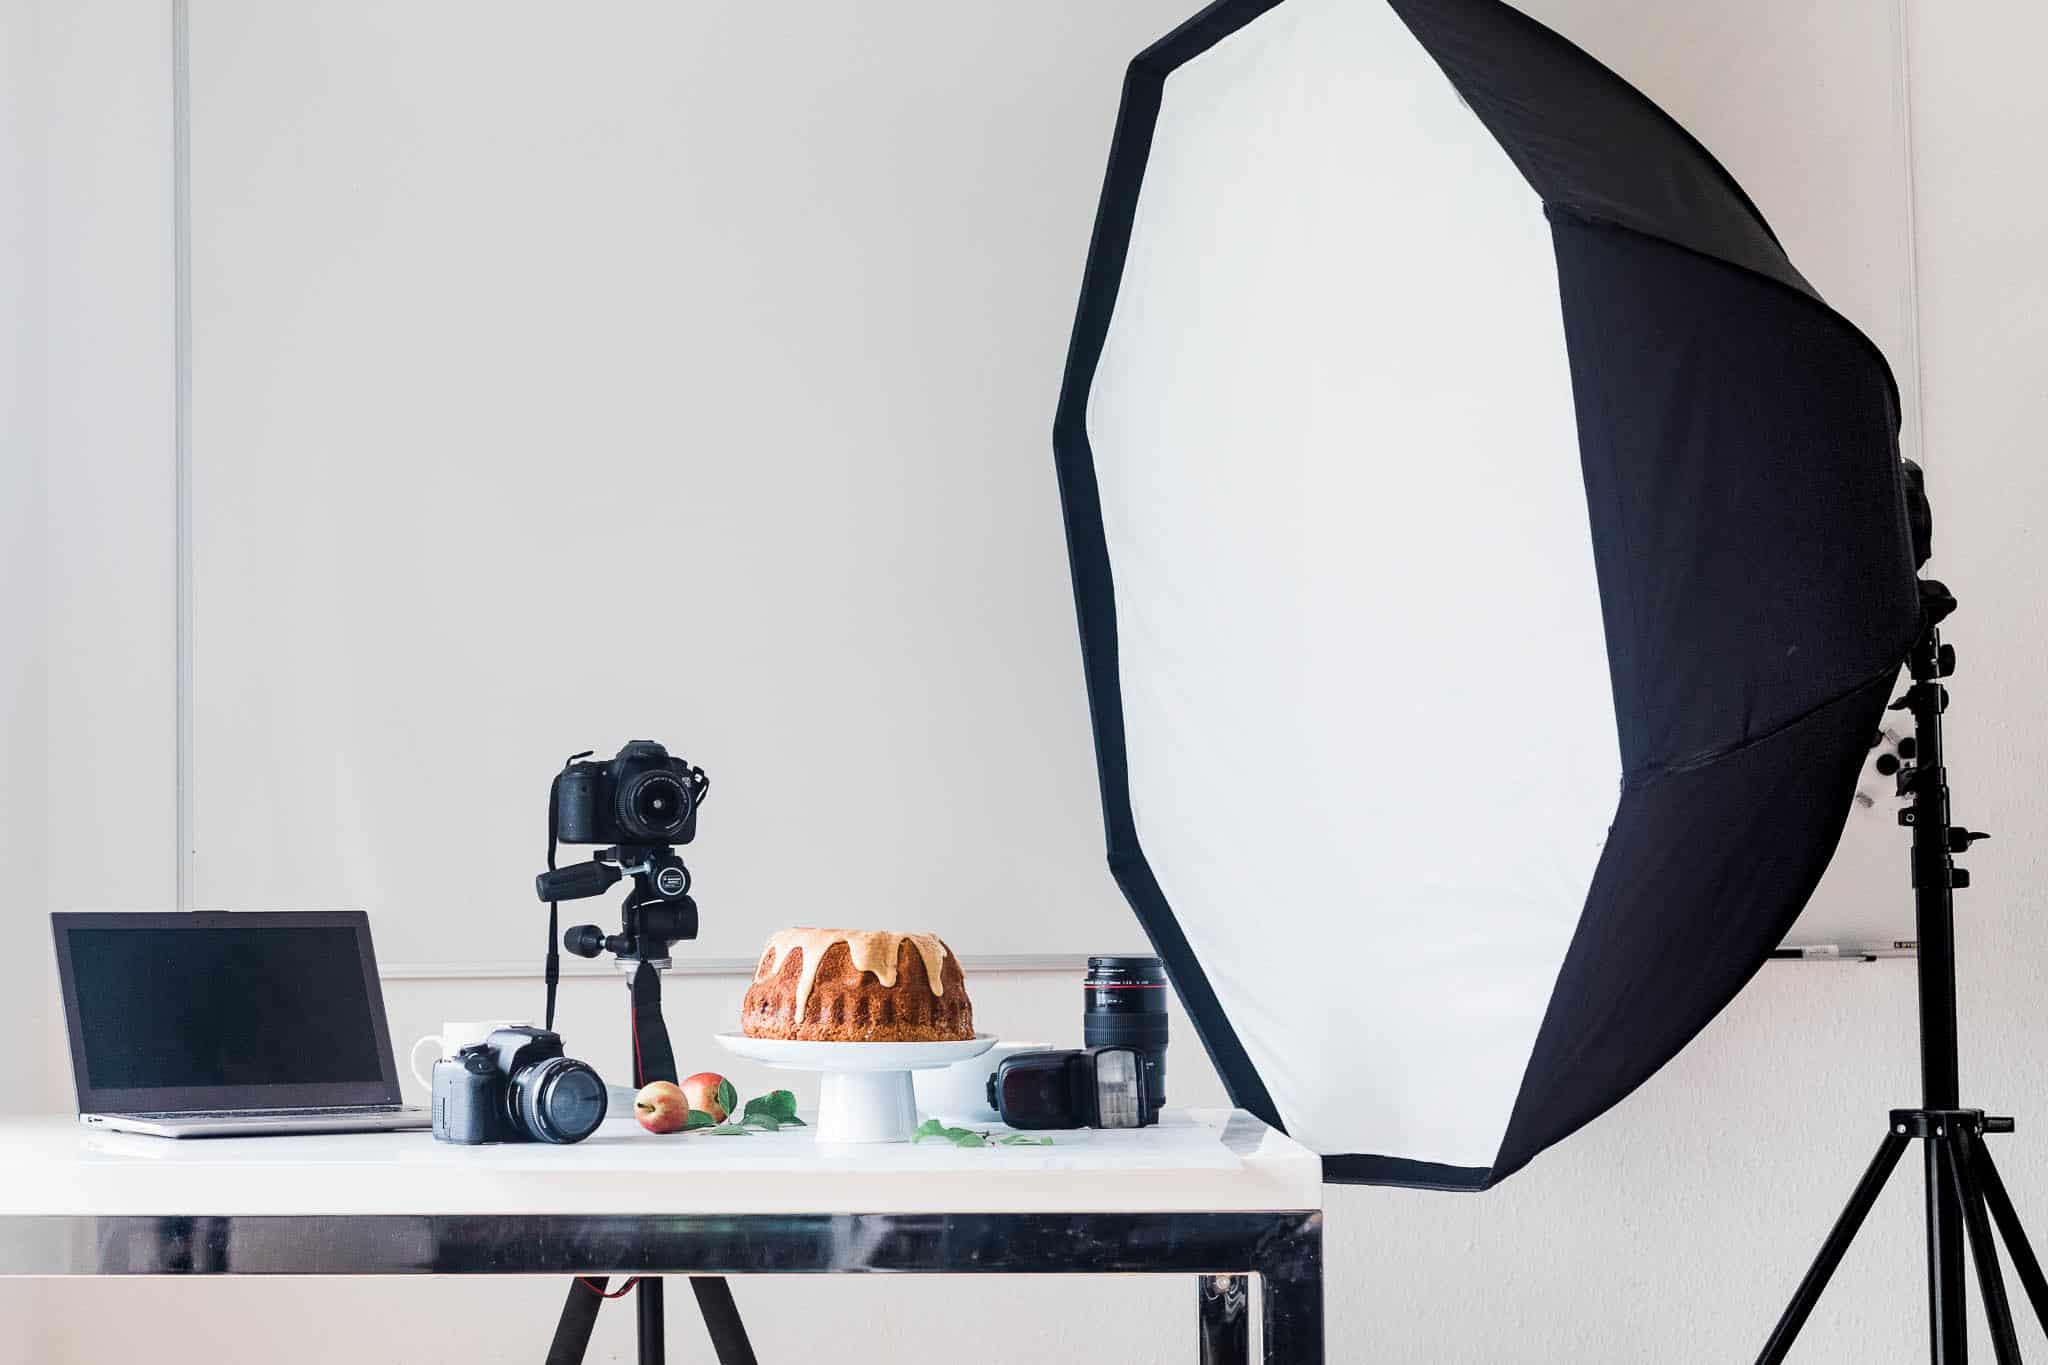 kunstigt lys i fotografering